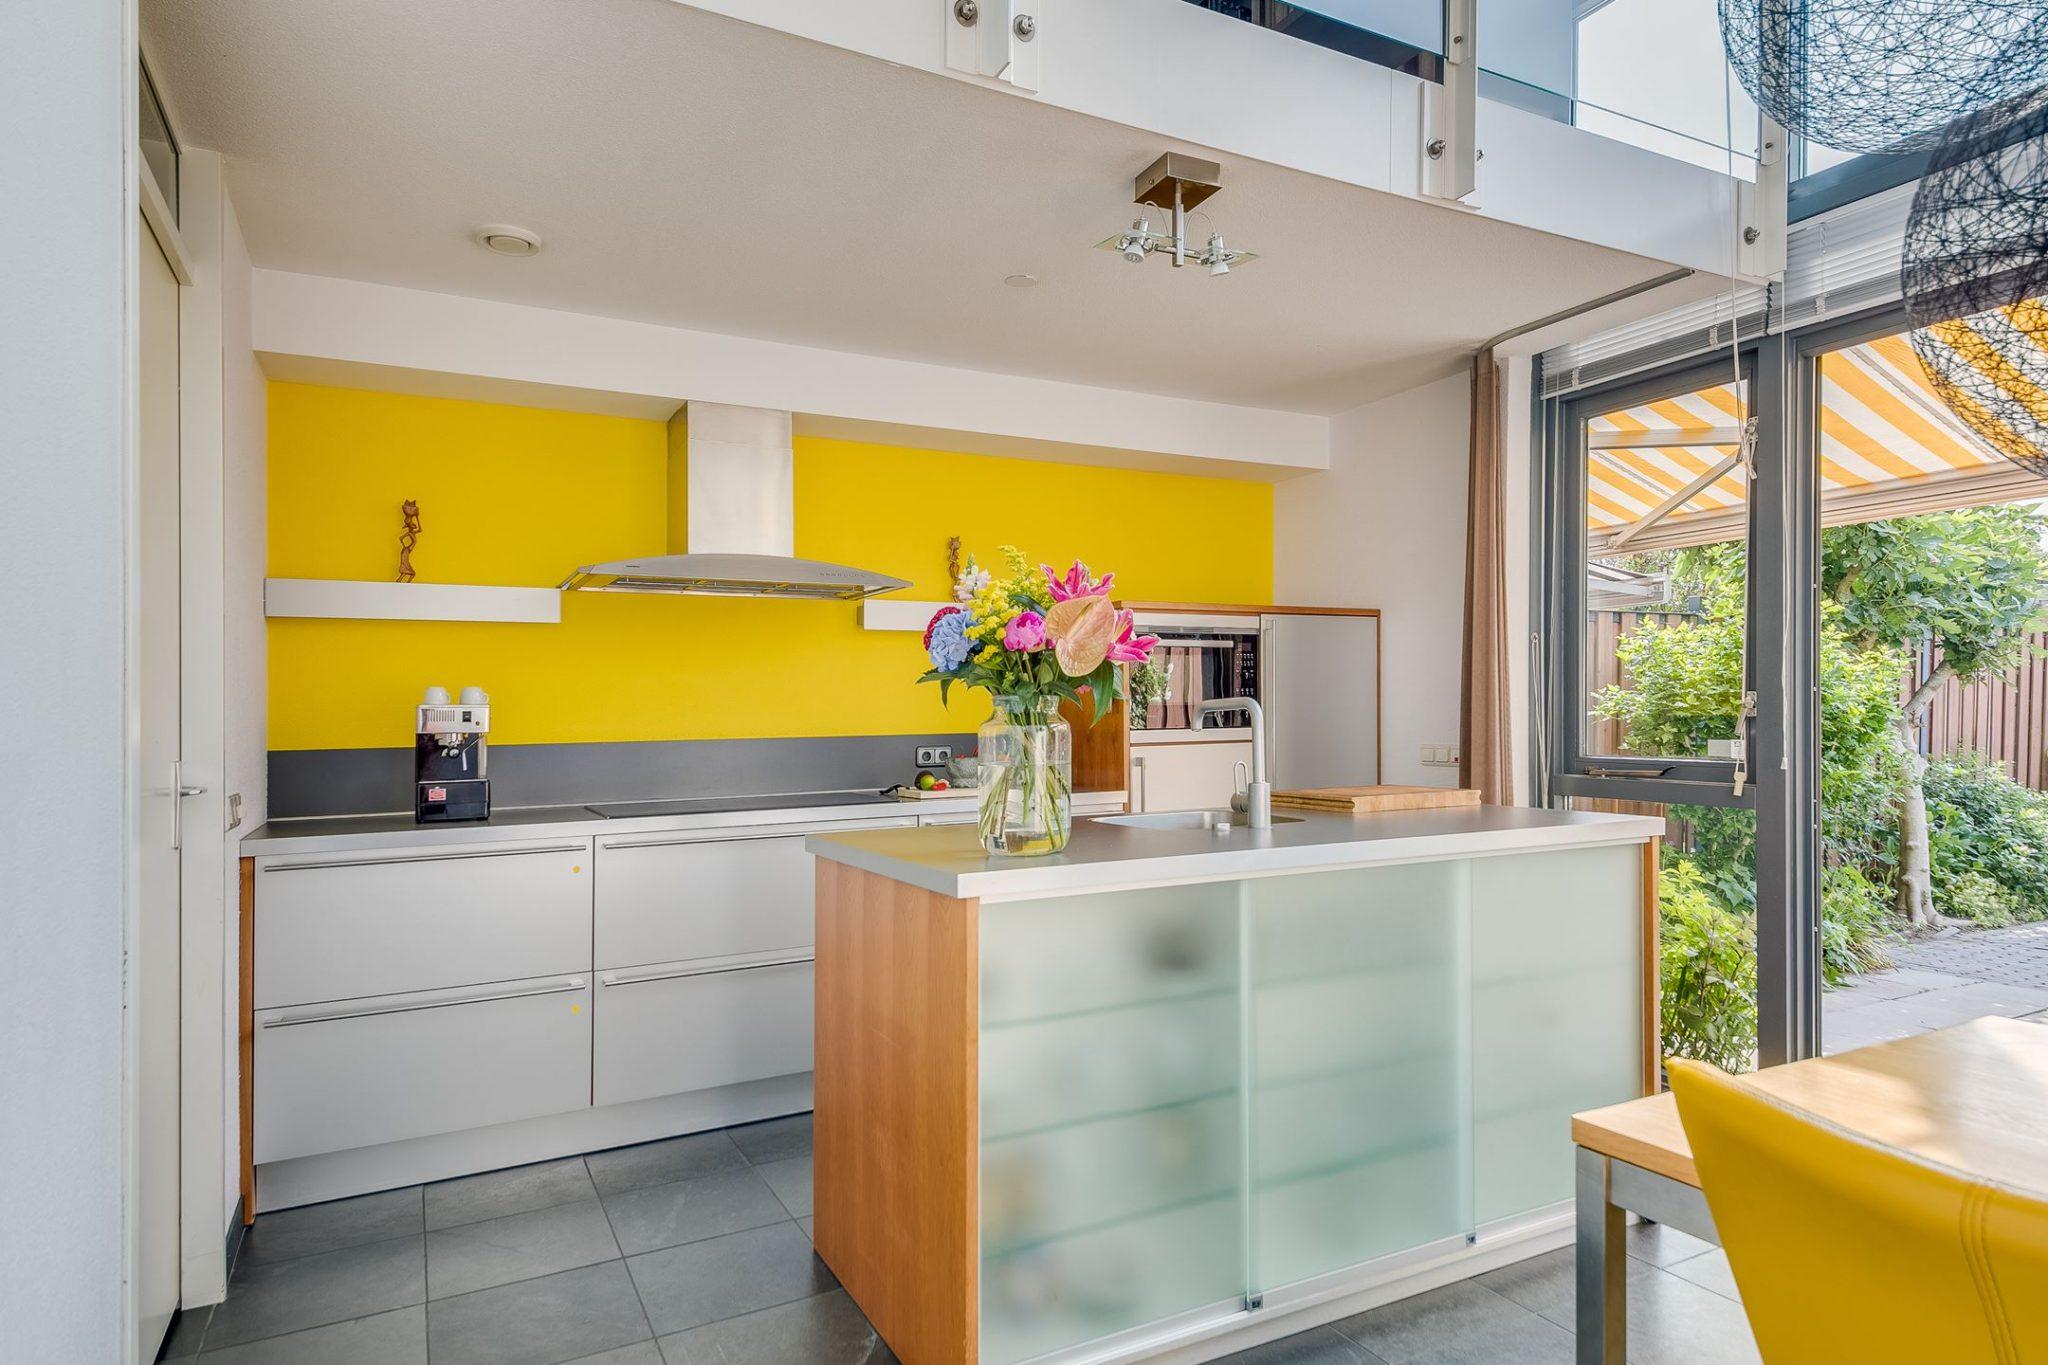 Tweedehands Rechte Keuken : Moderne grijze rechte keuken eiland apparatuur tweedehands